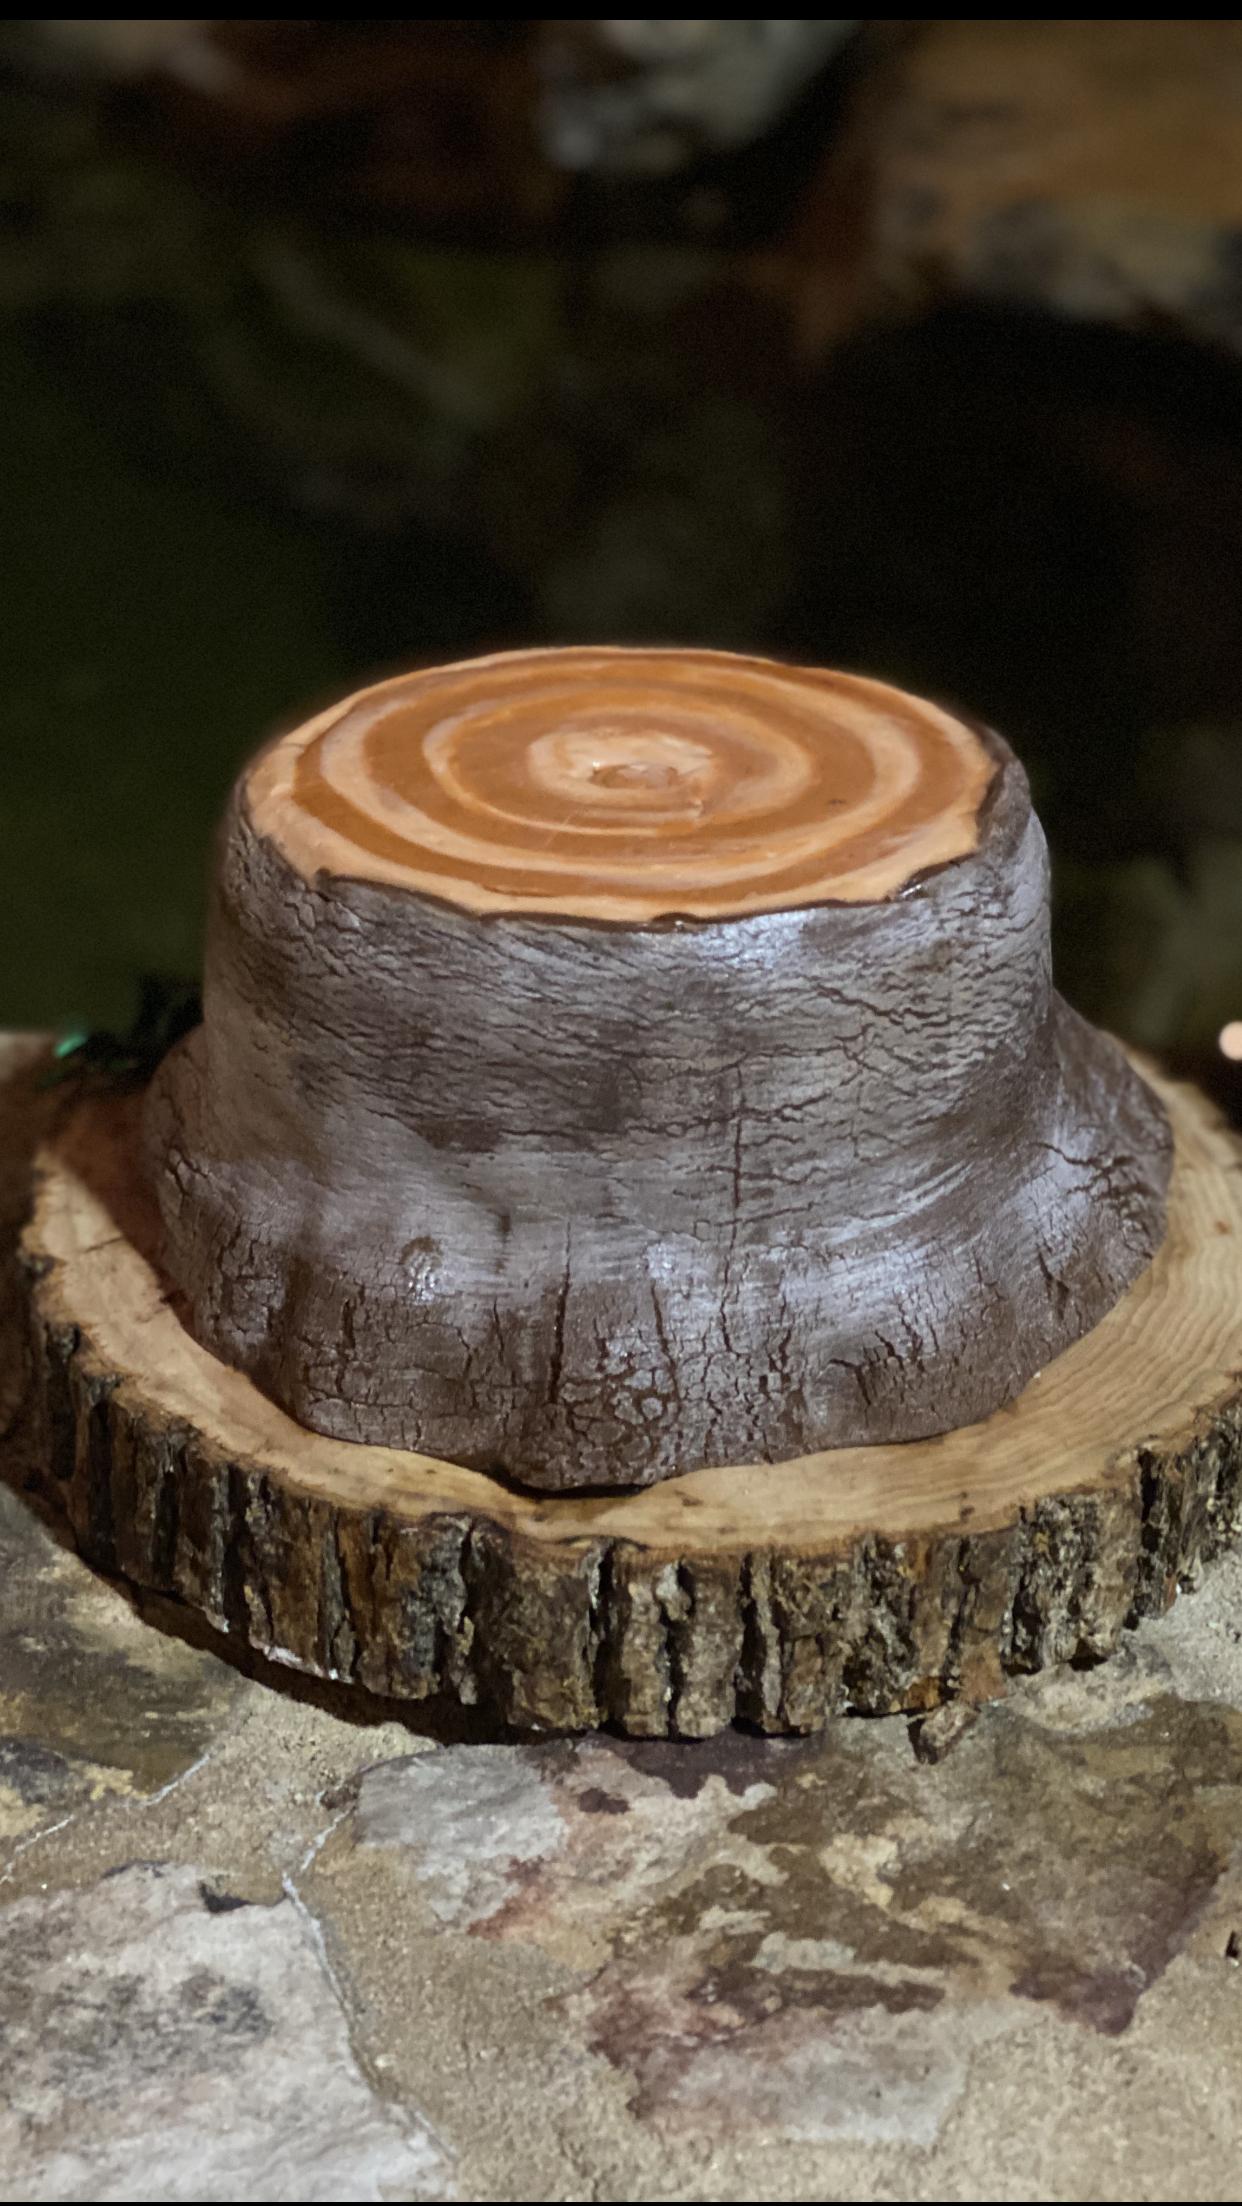 Tree log cake